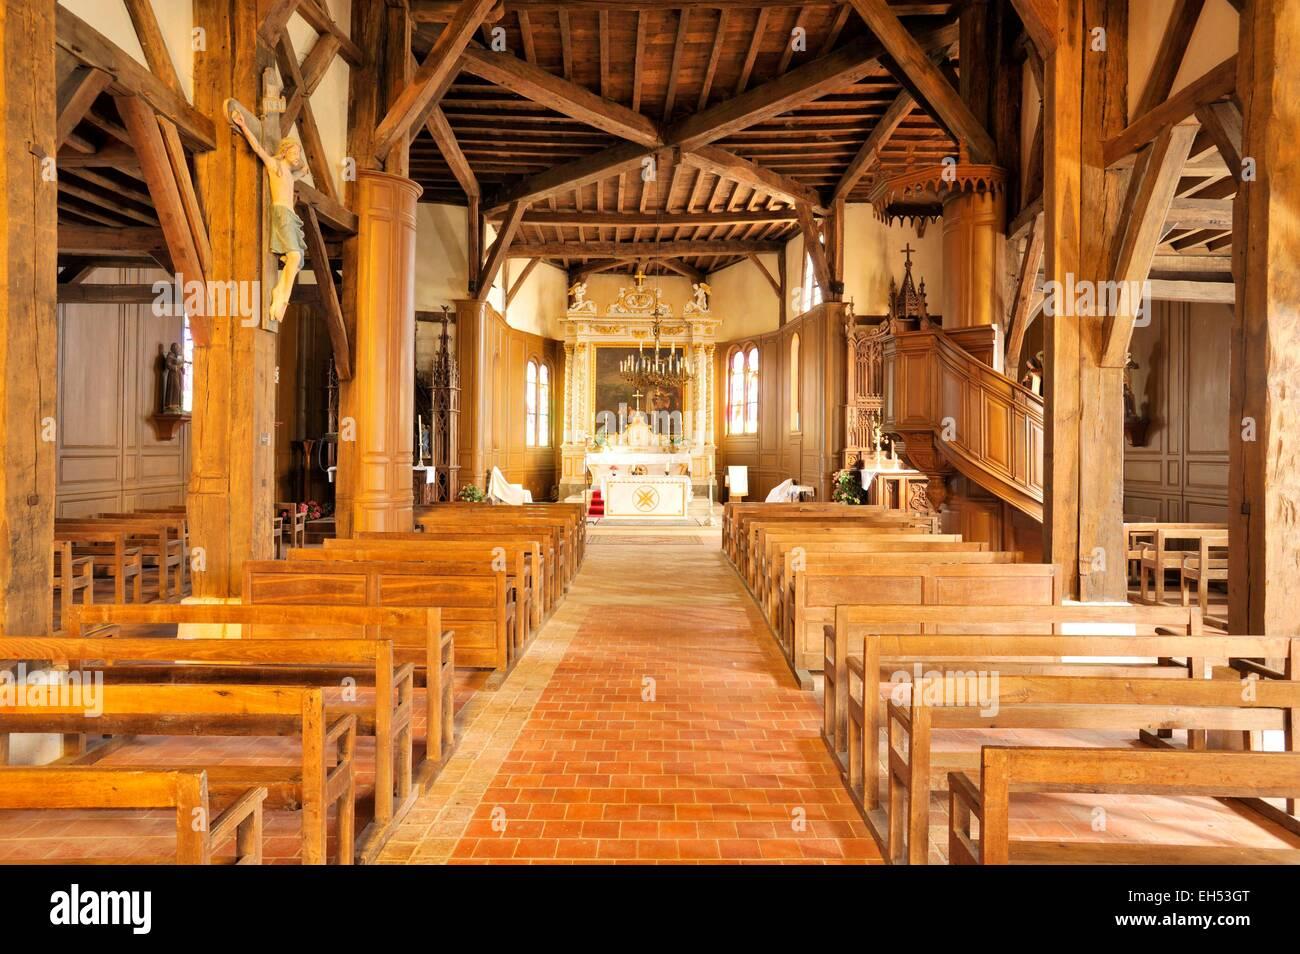 Frankreich, Marne, Routinen, Saint Nicolas Church Holz eingerahmt ...